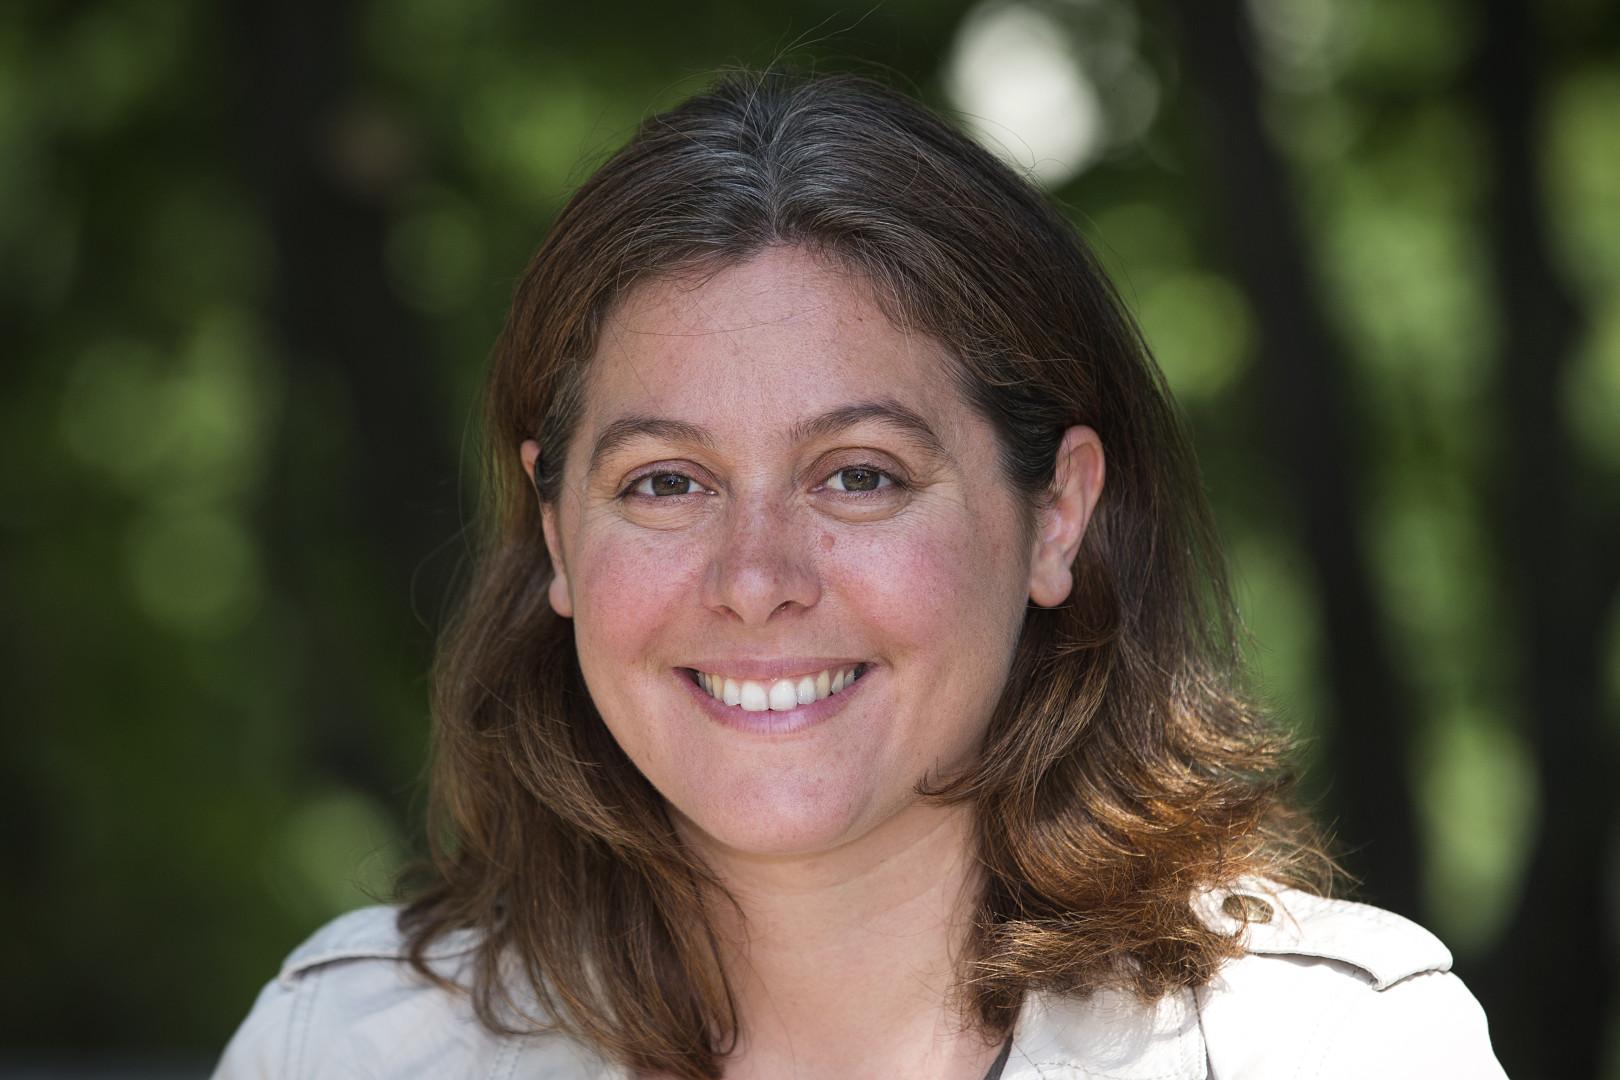 Sophie de Bringuy est tête de liste Europe Écologie Les Verts aux élections régionales 2015 dans les Pays de la Loire.